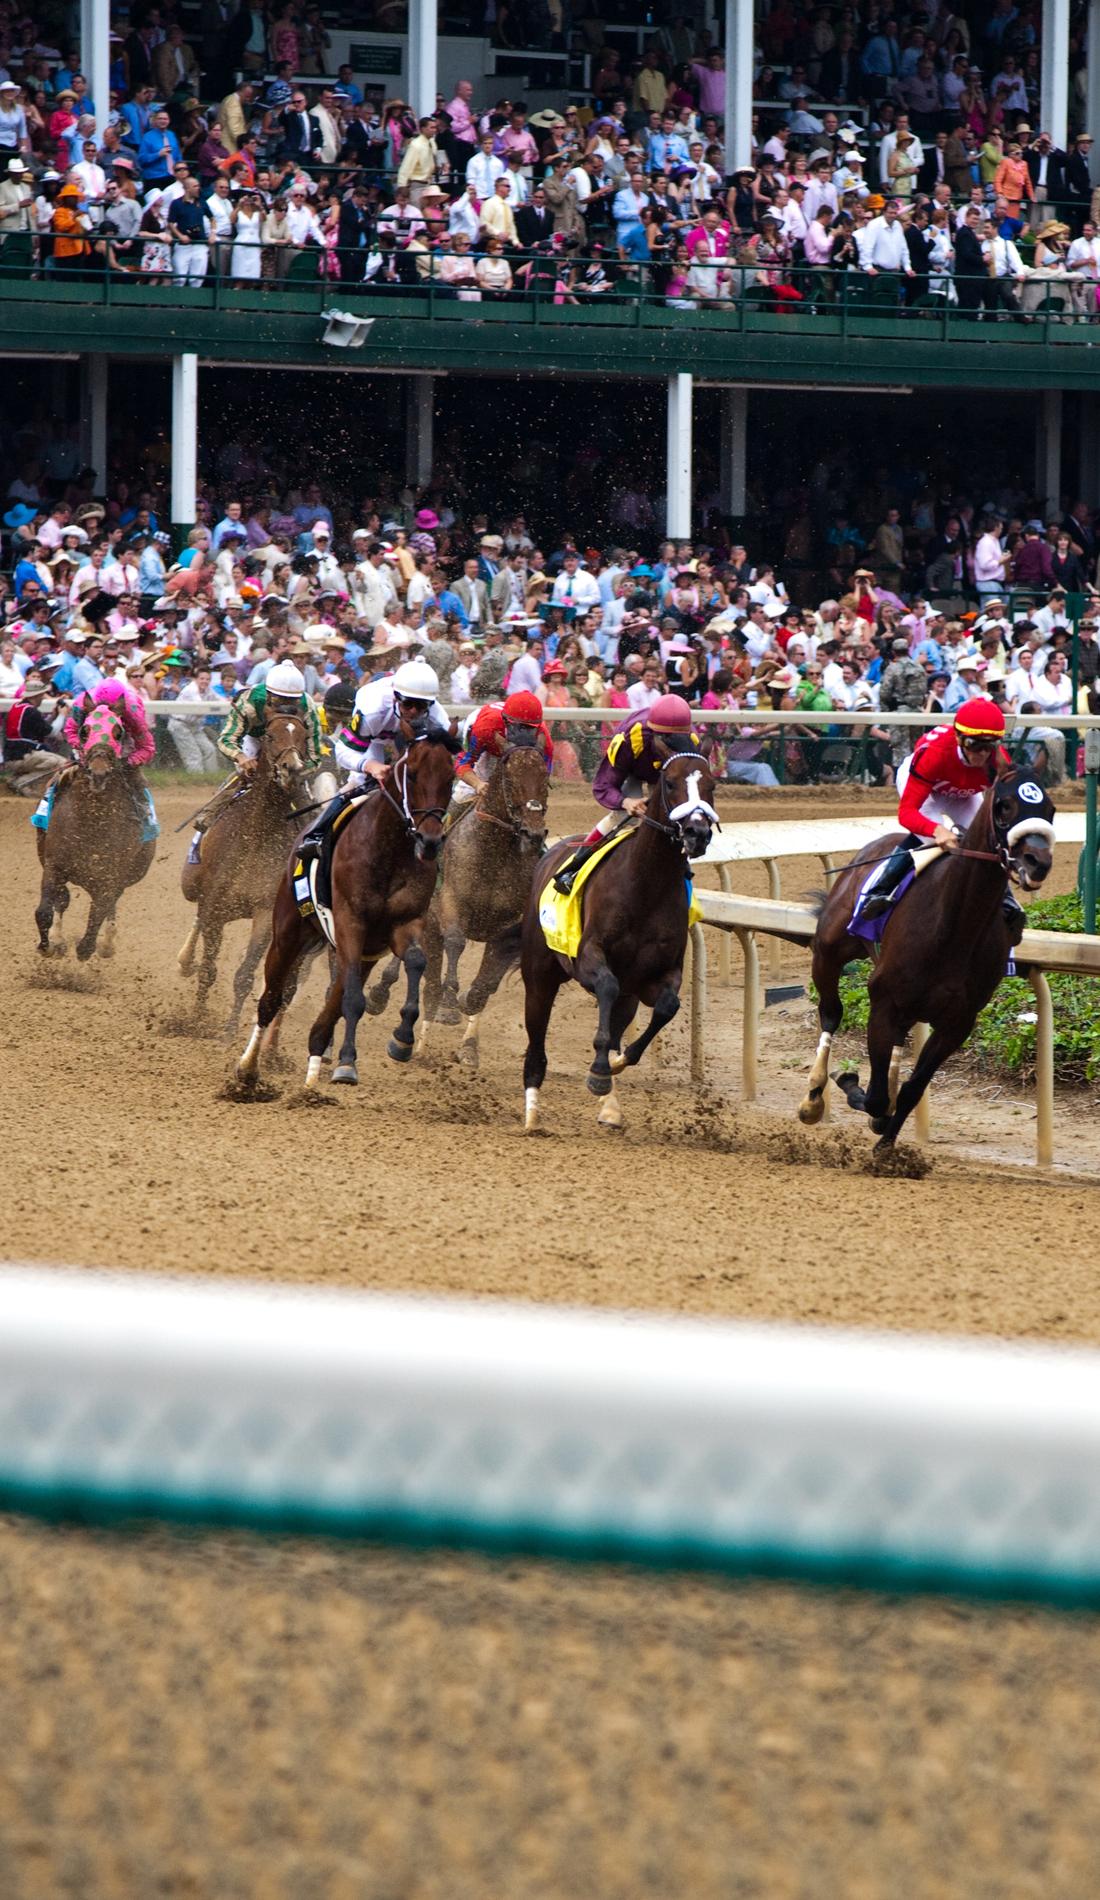 A Kentucky Derby live event